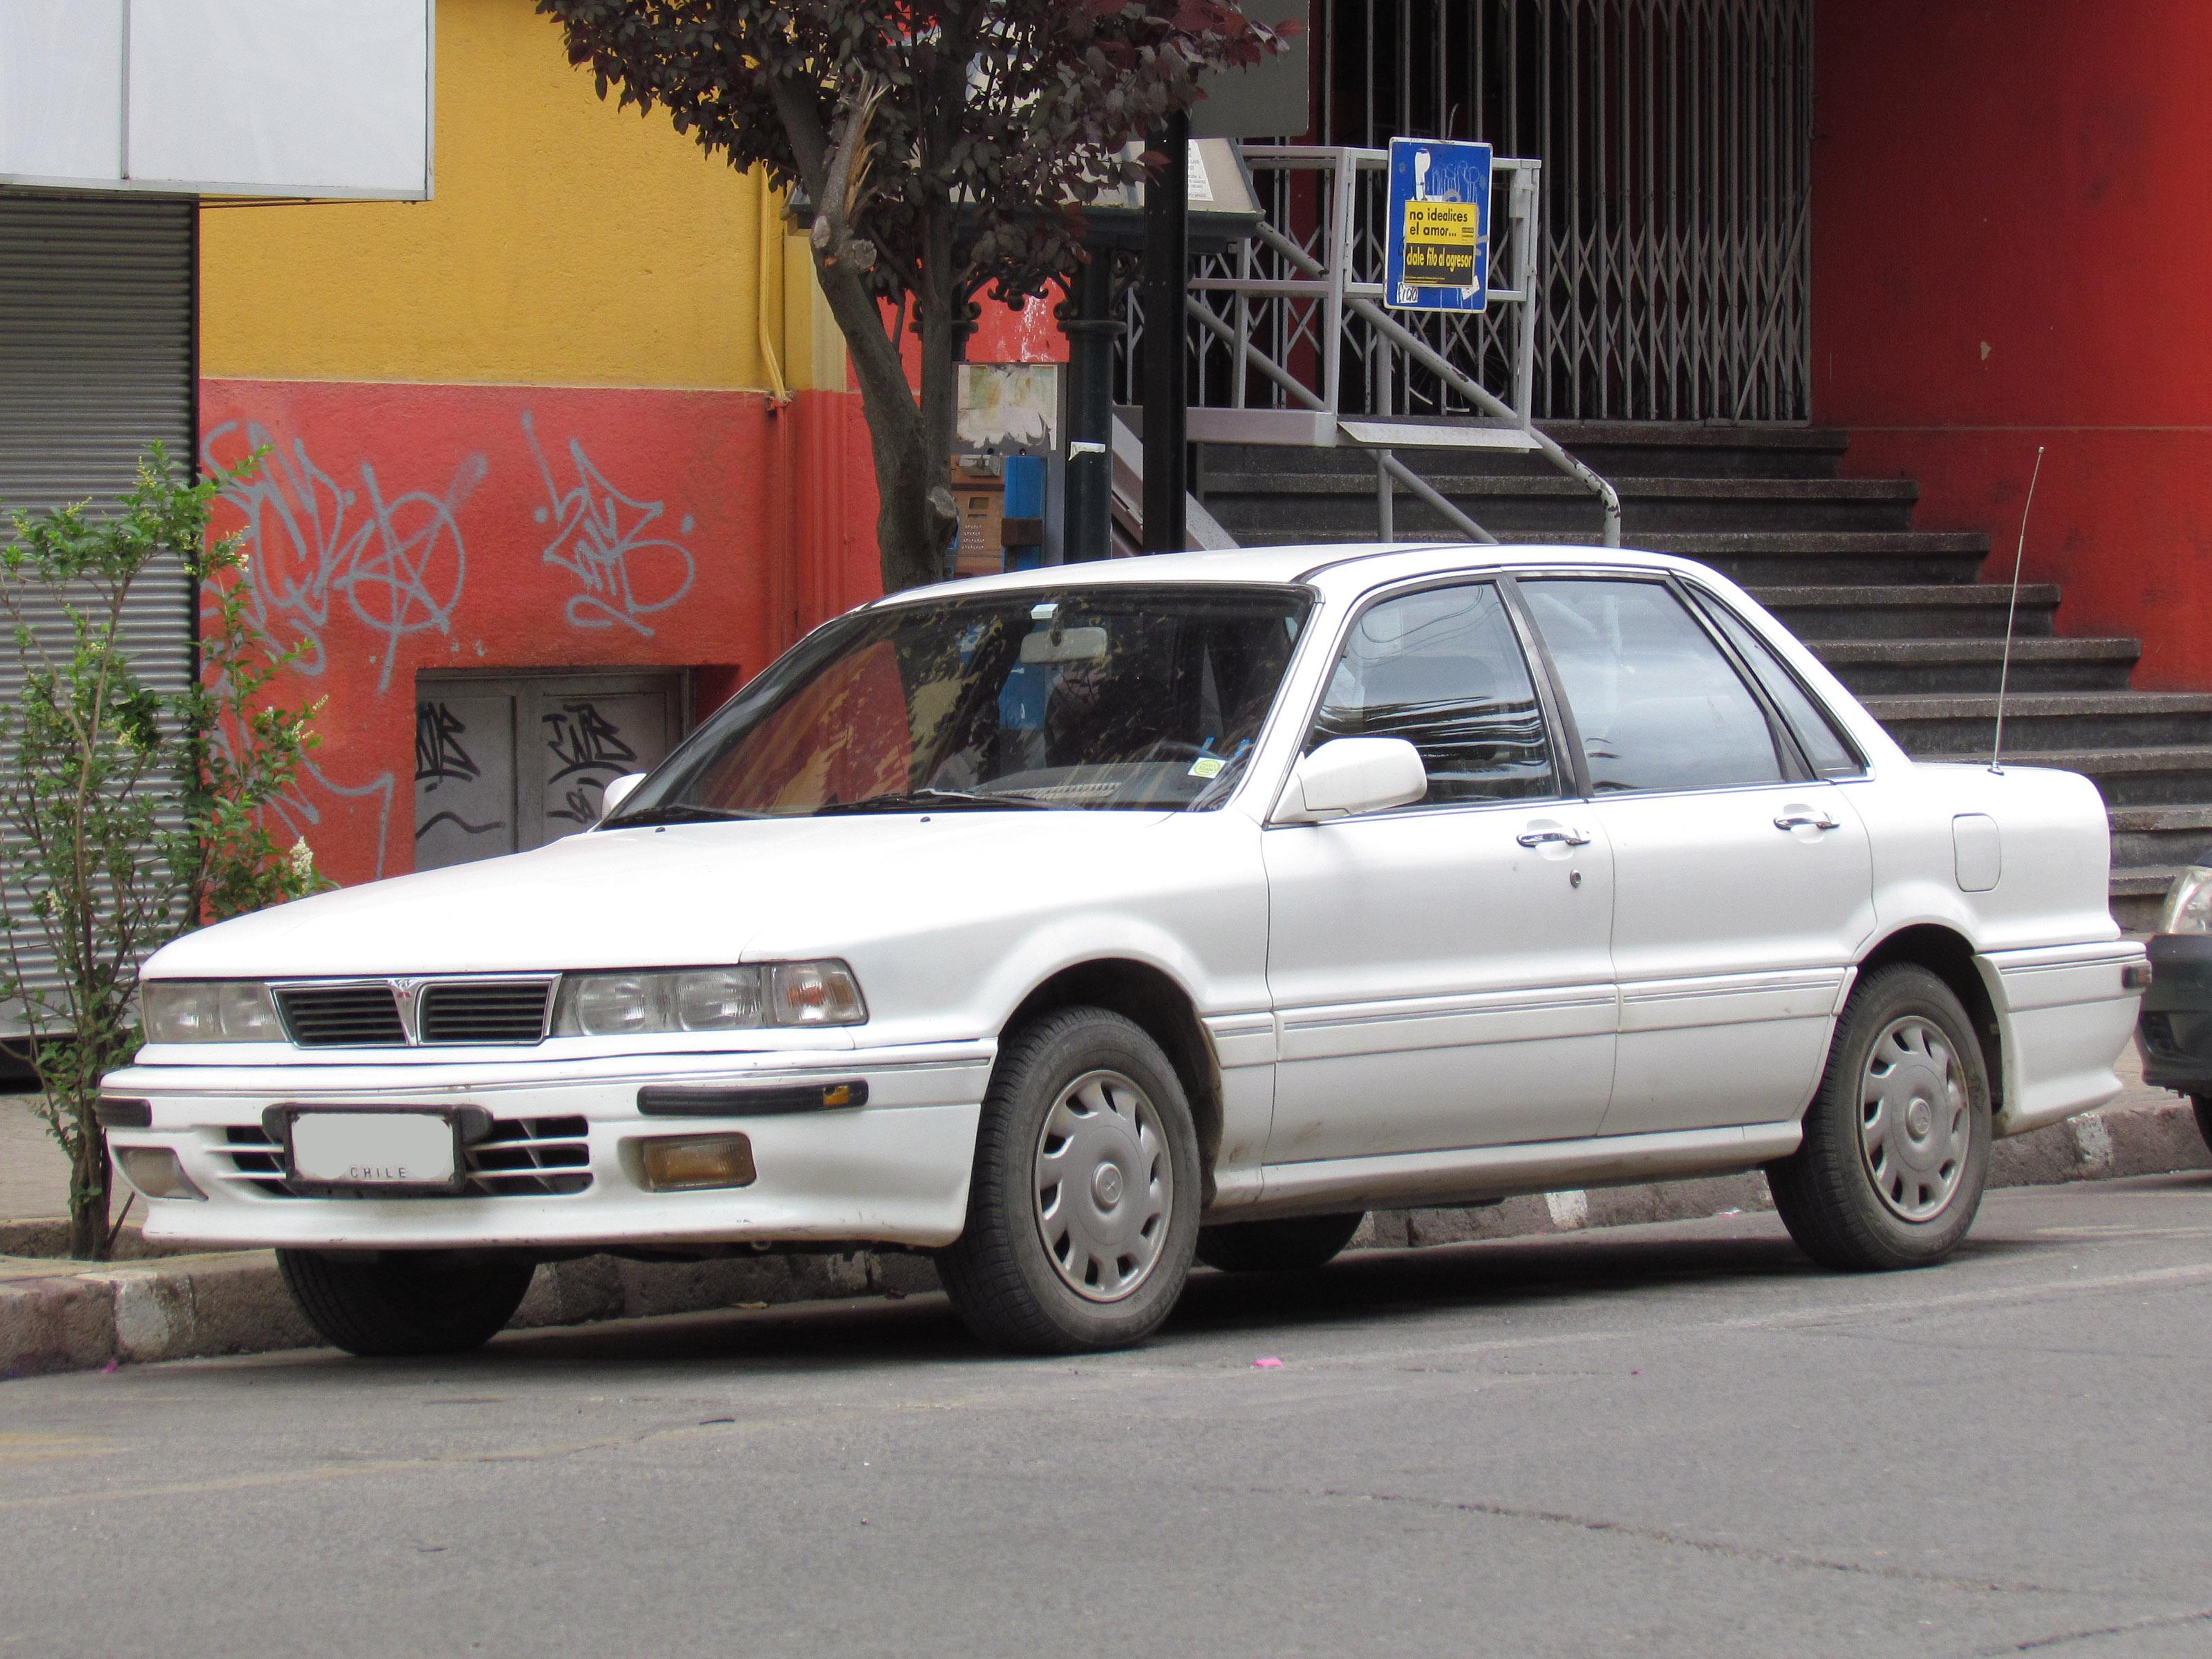 File:Mitsubishi Galant 1.8 Super Saloon 1992 (14676647719).jpg ...